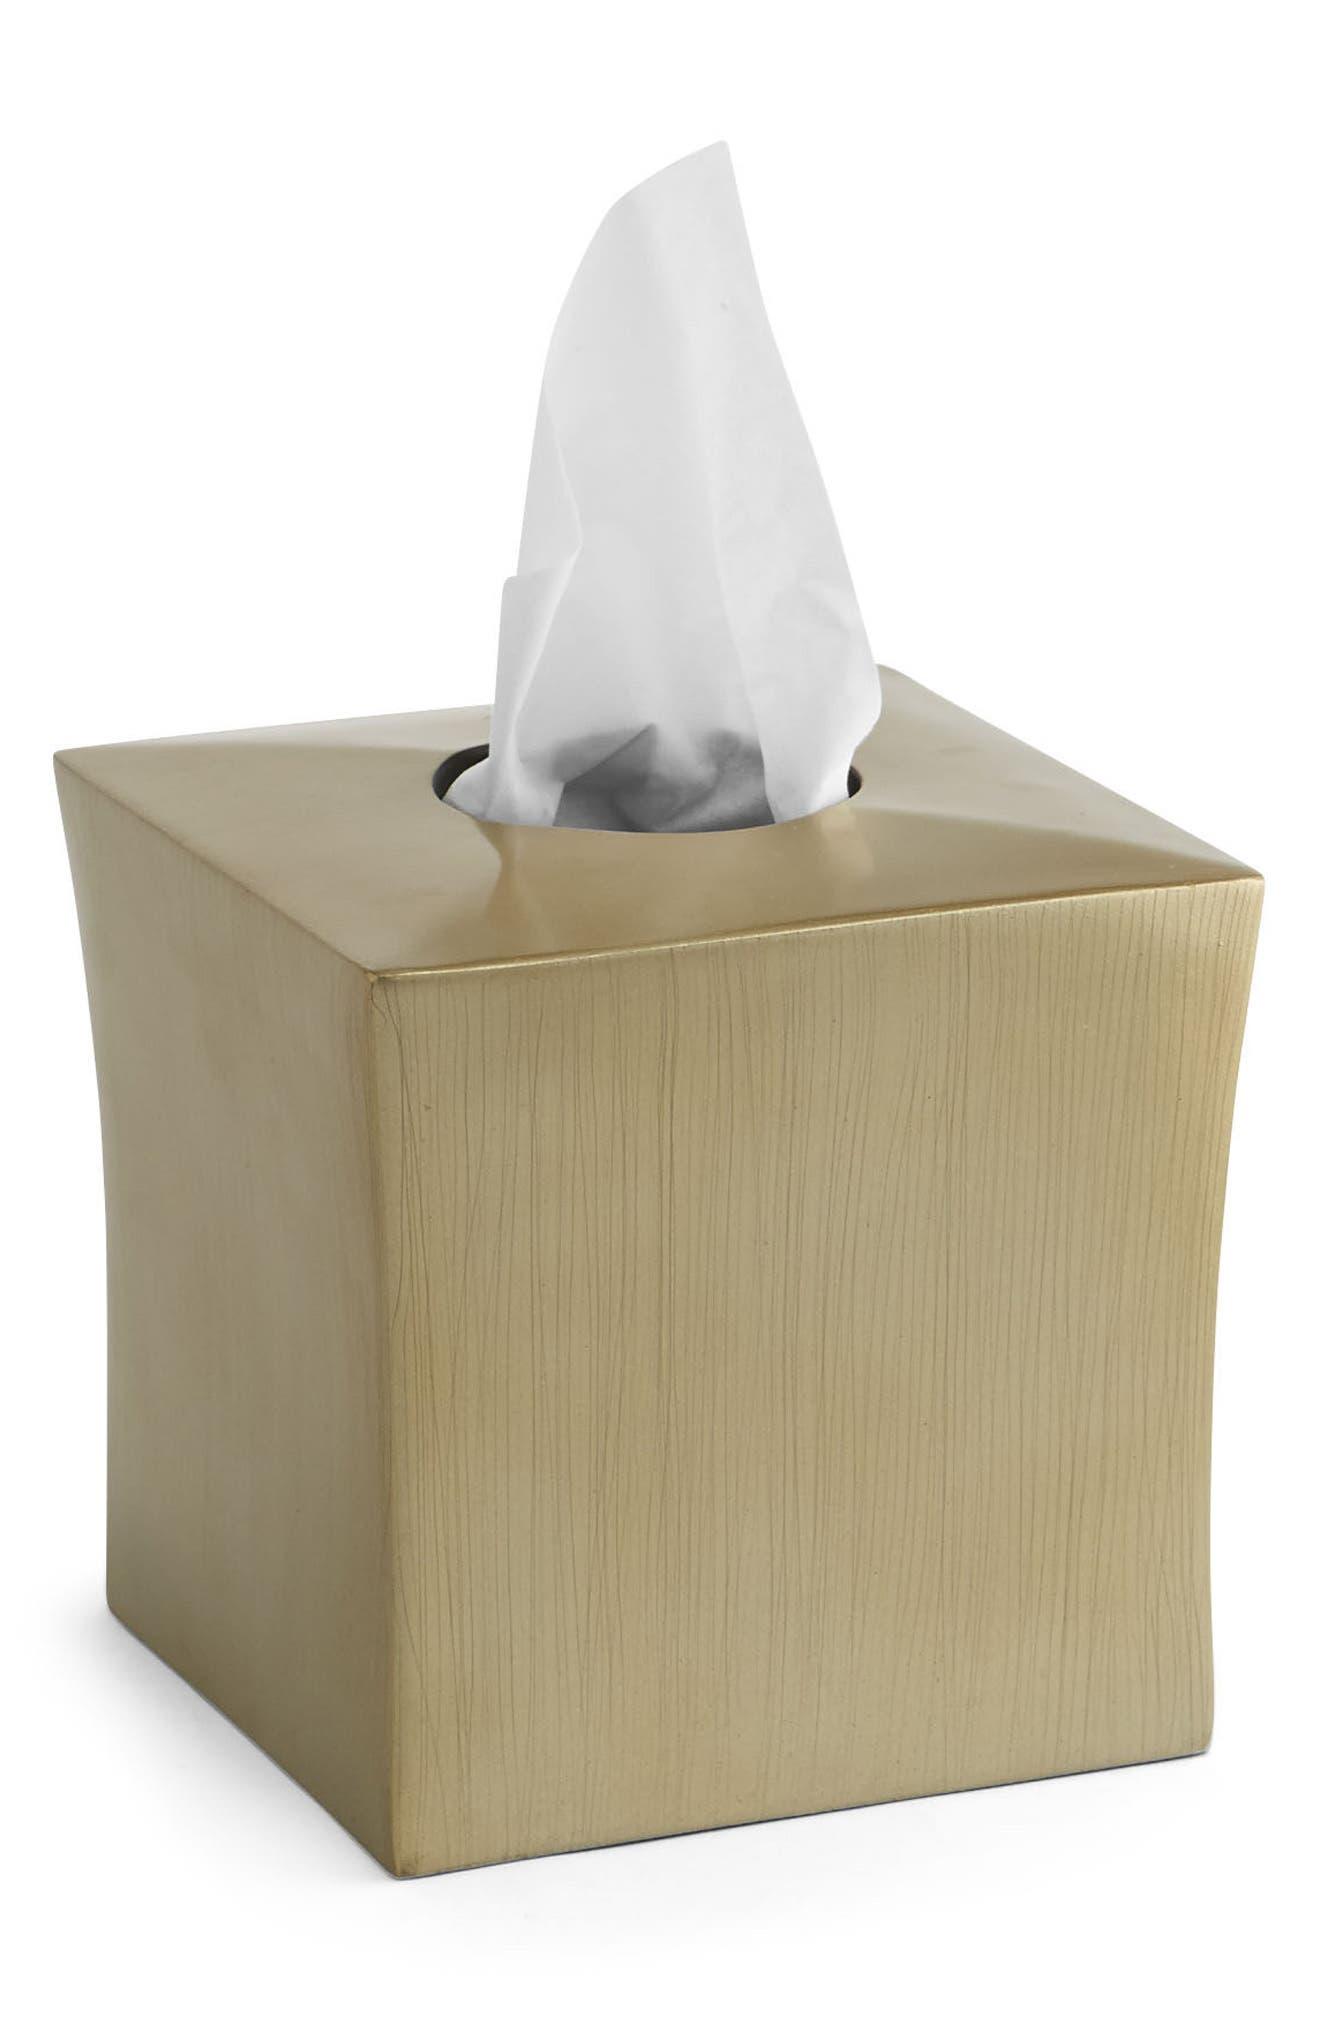 Paradigm Trends Cooper Tissue Box Cover